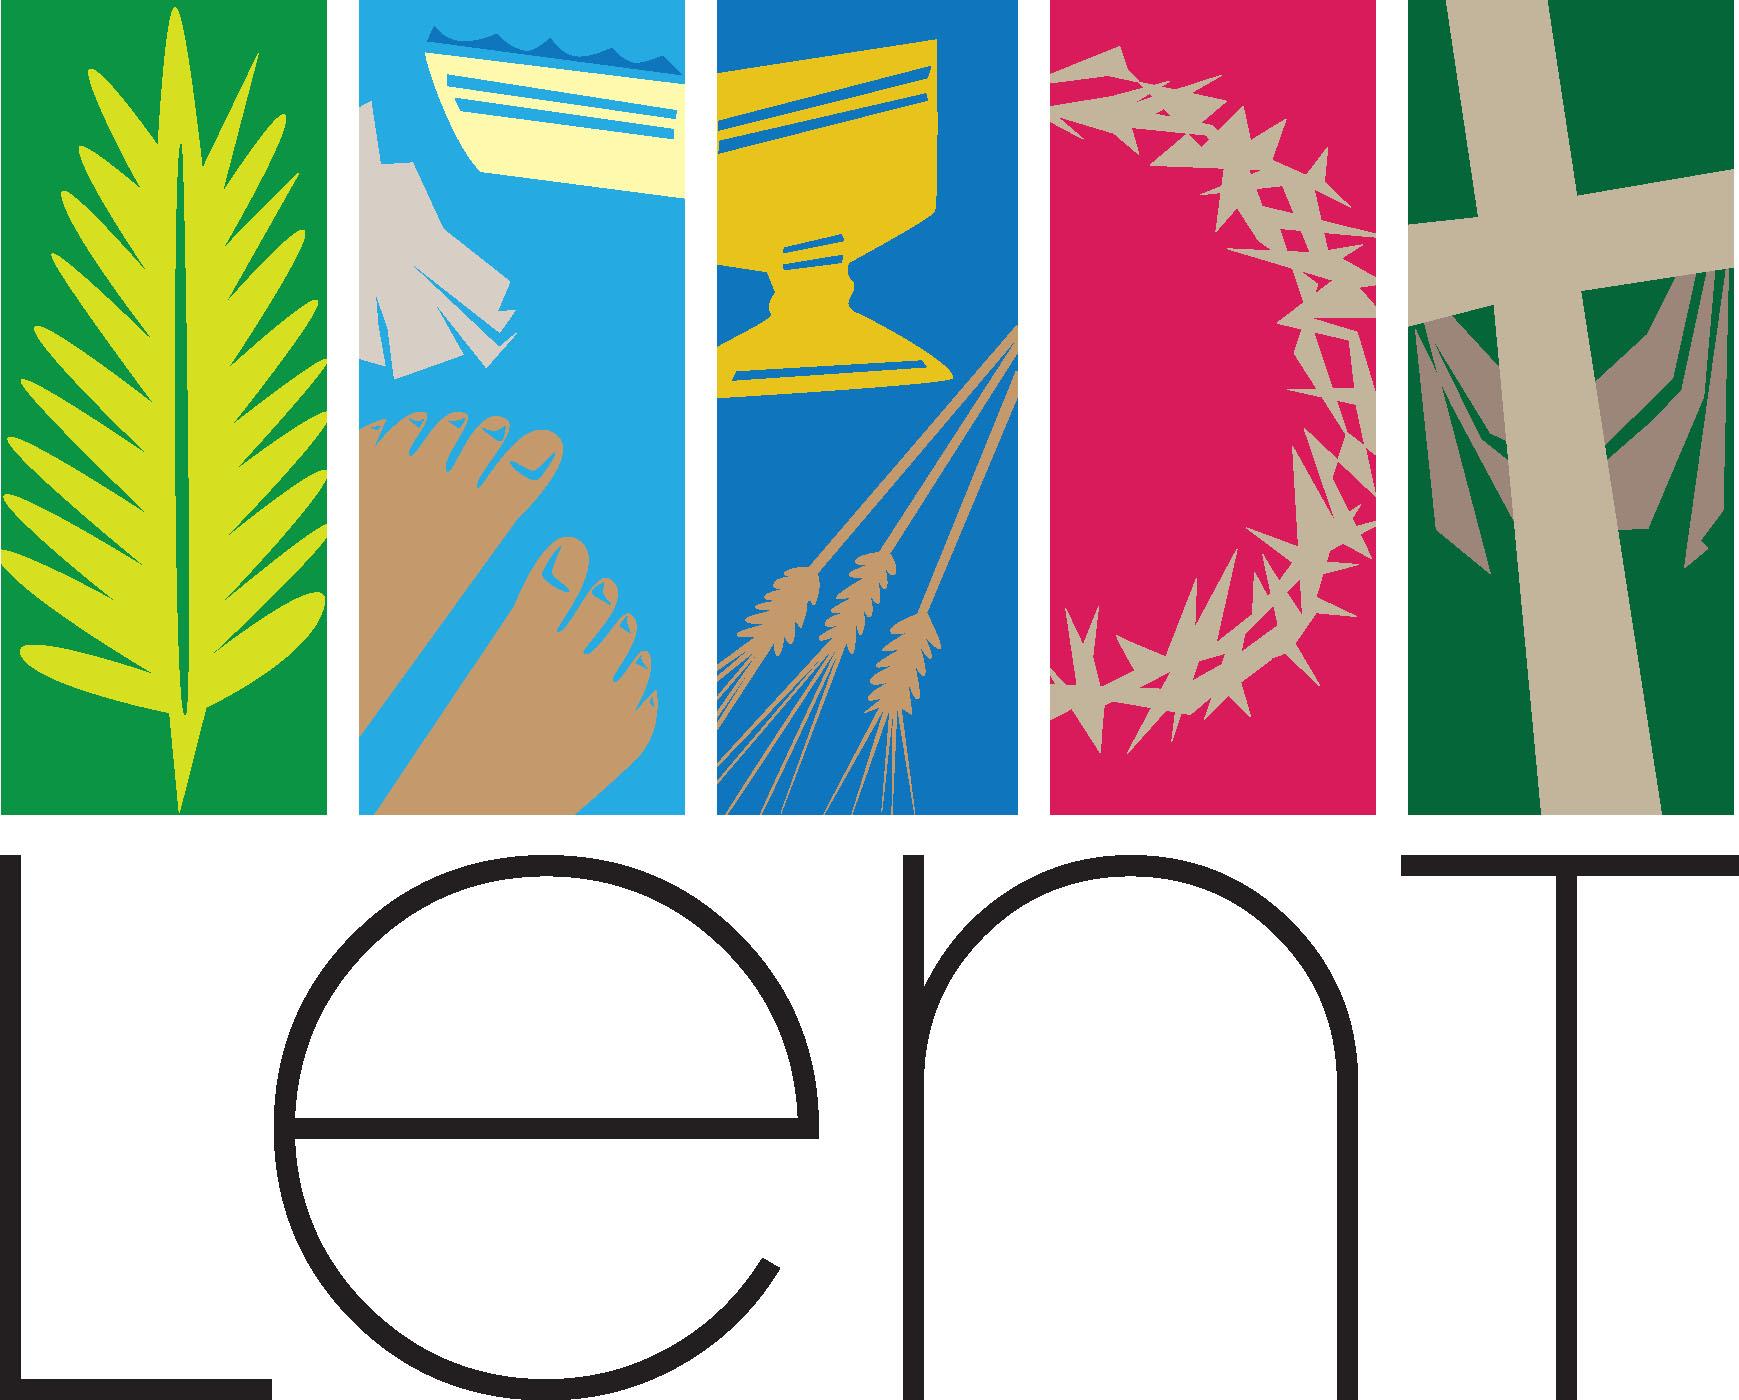 Lent Background Clipart.